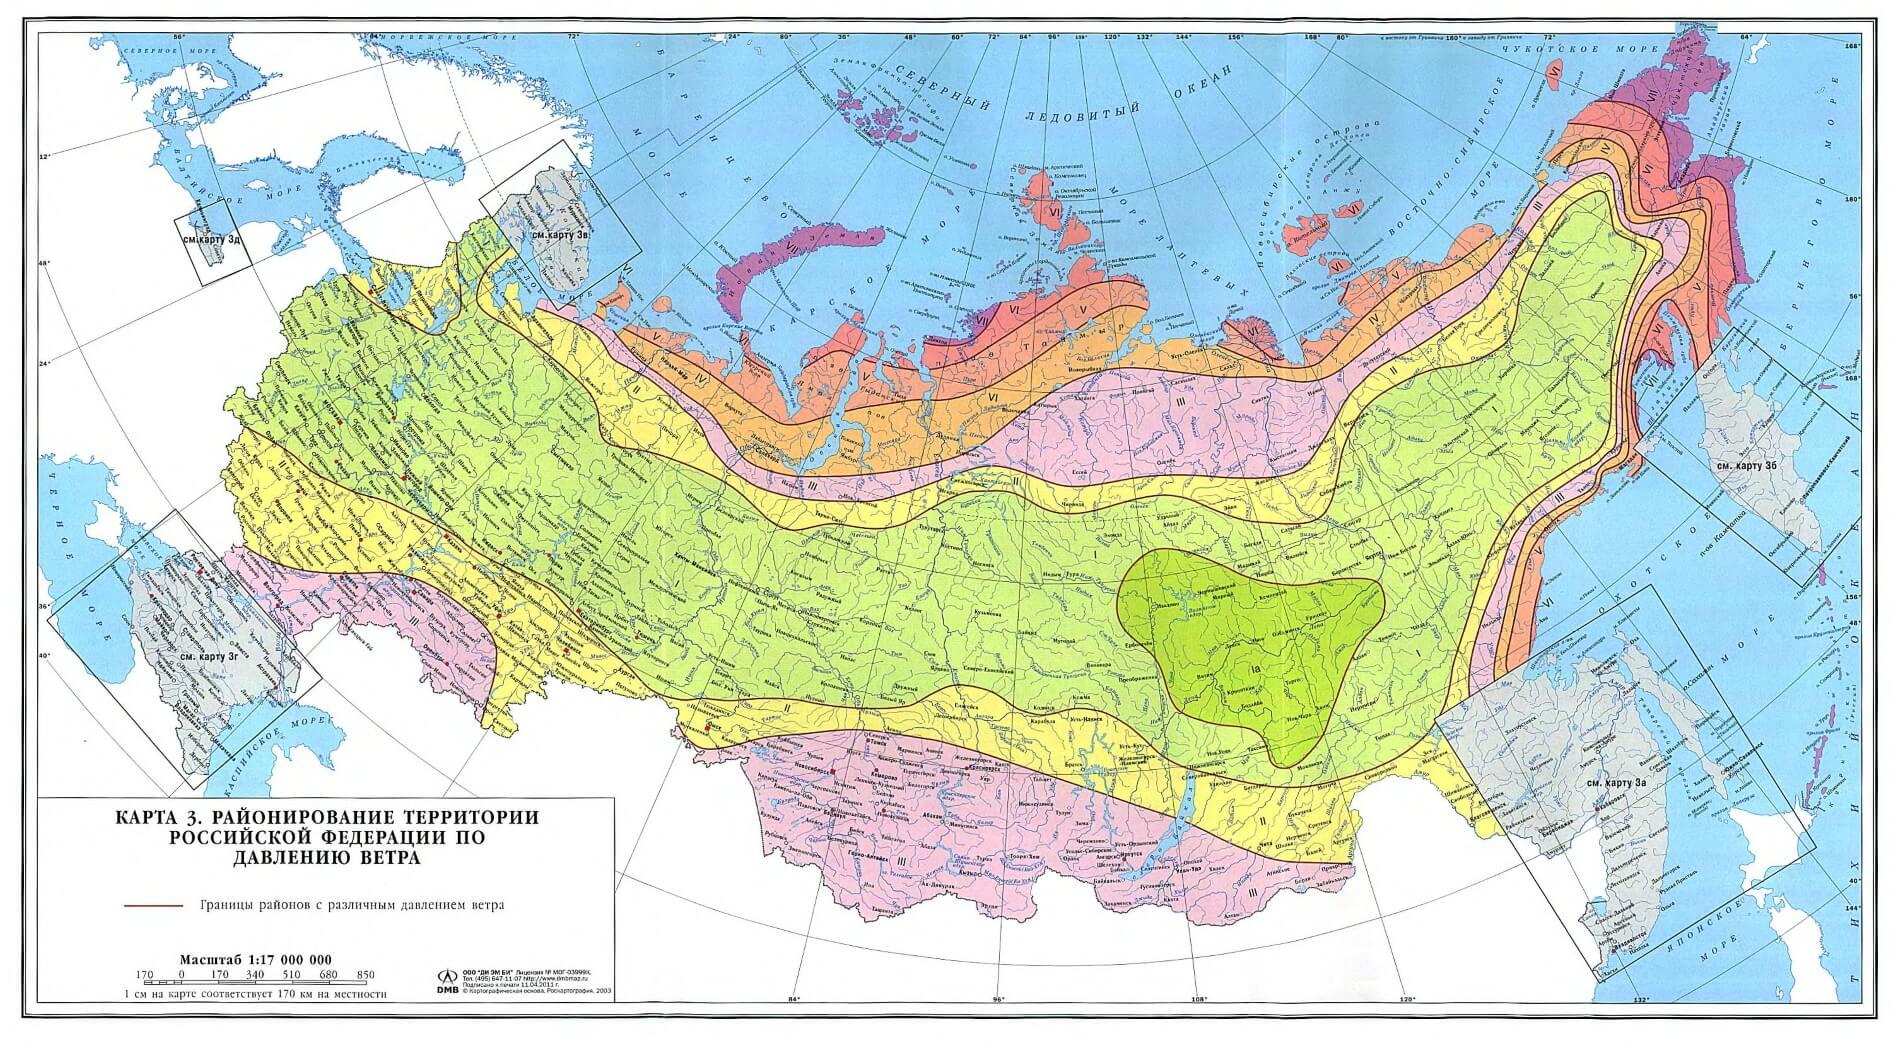 карта районирования по давлению ветра